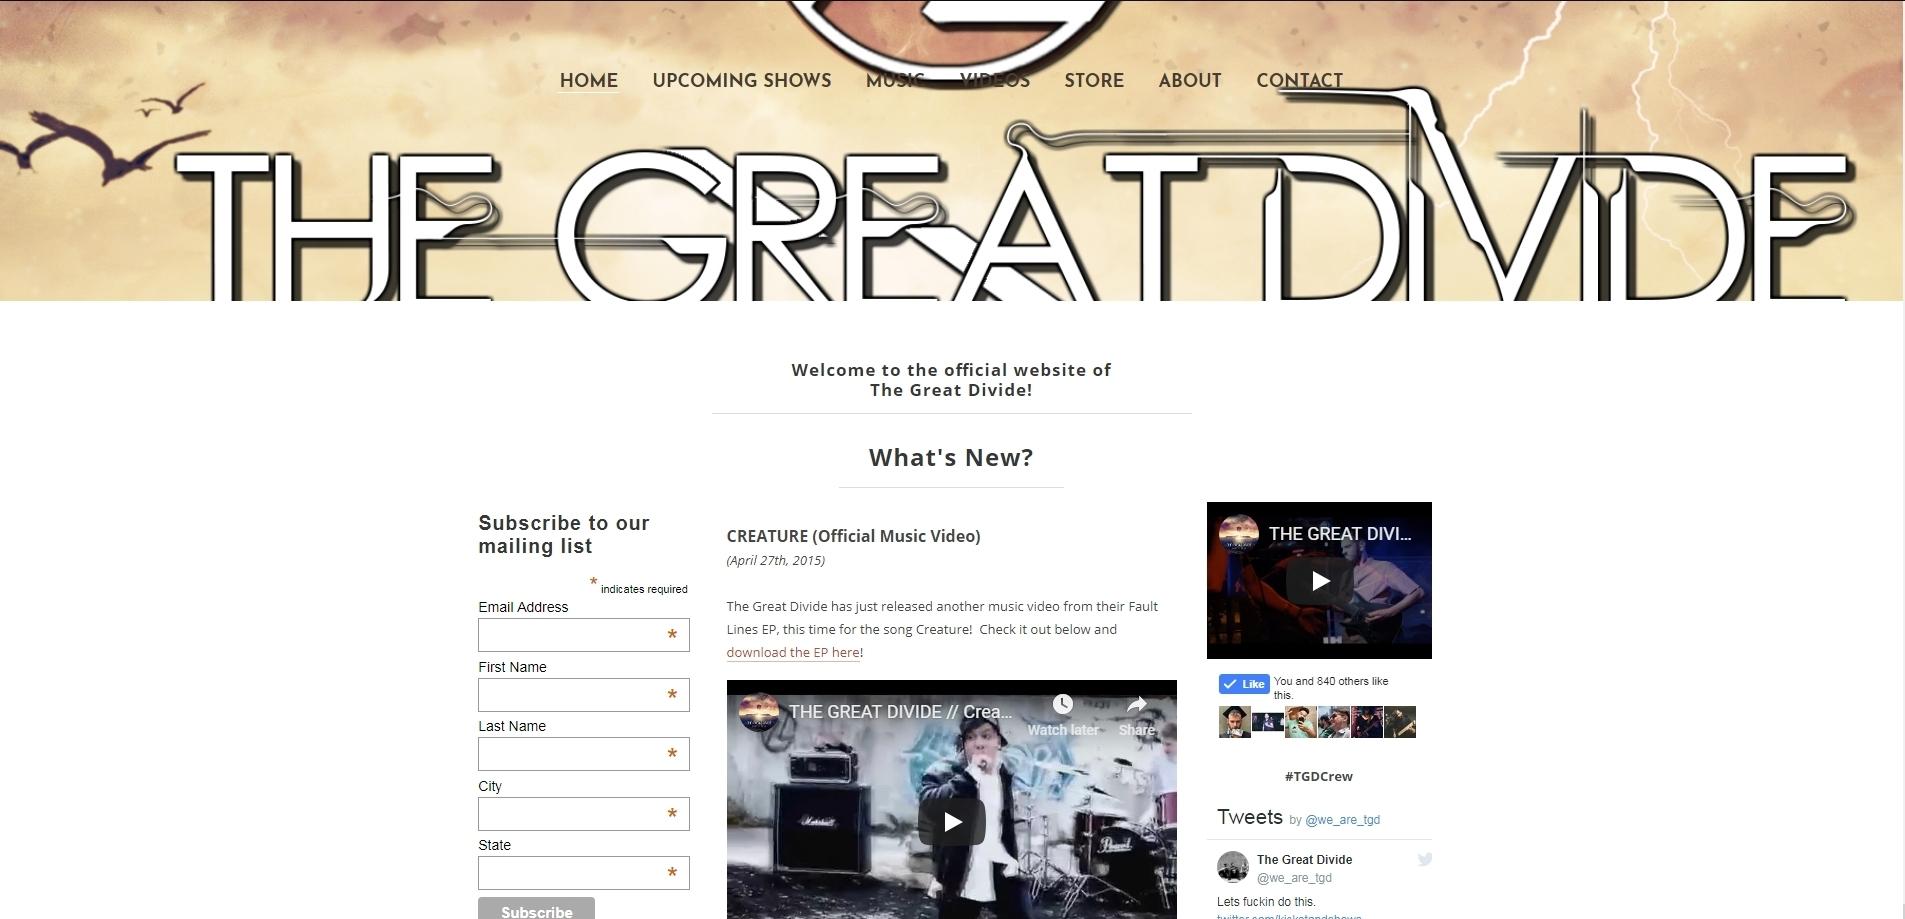 The Great Divide Website & EPK